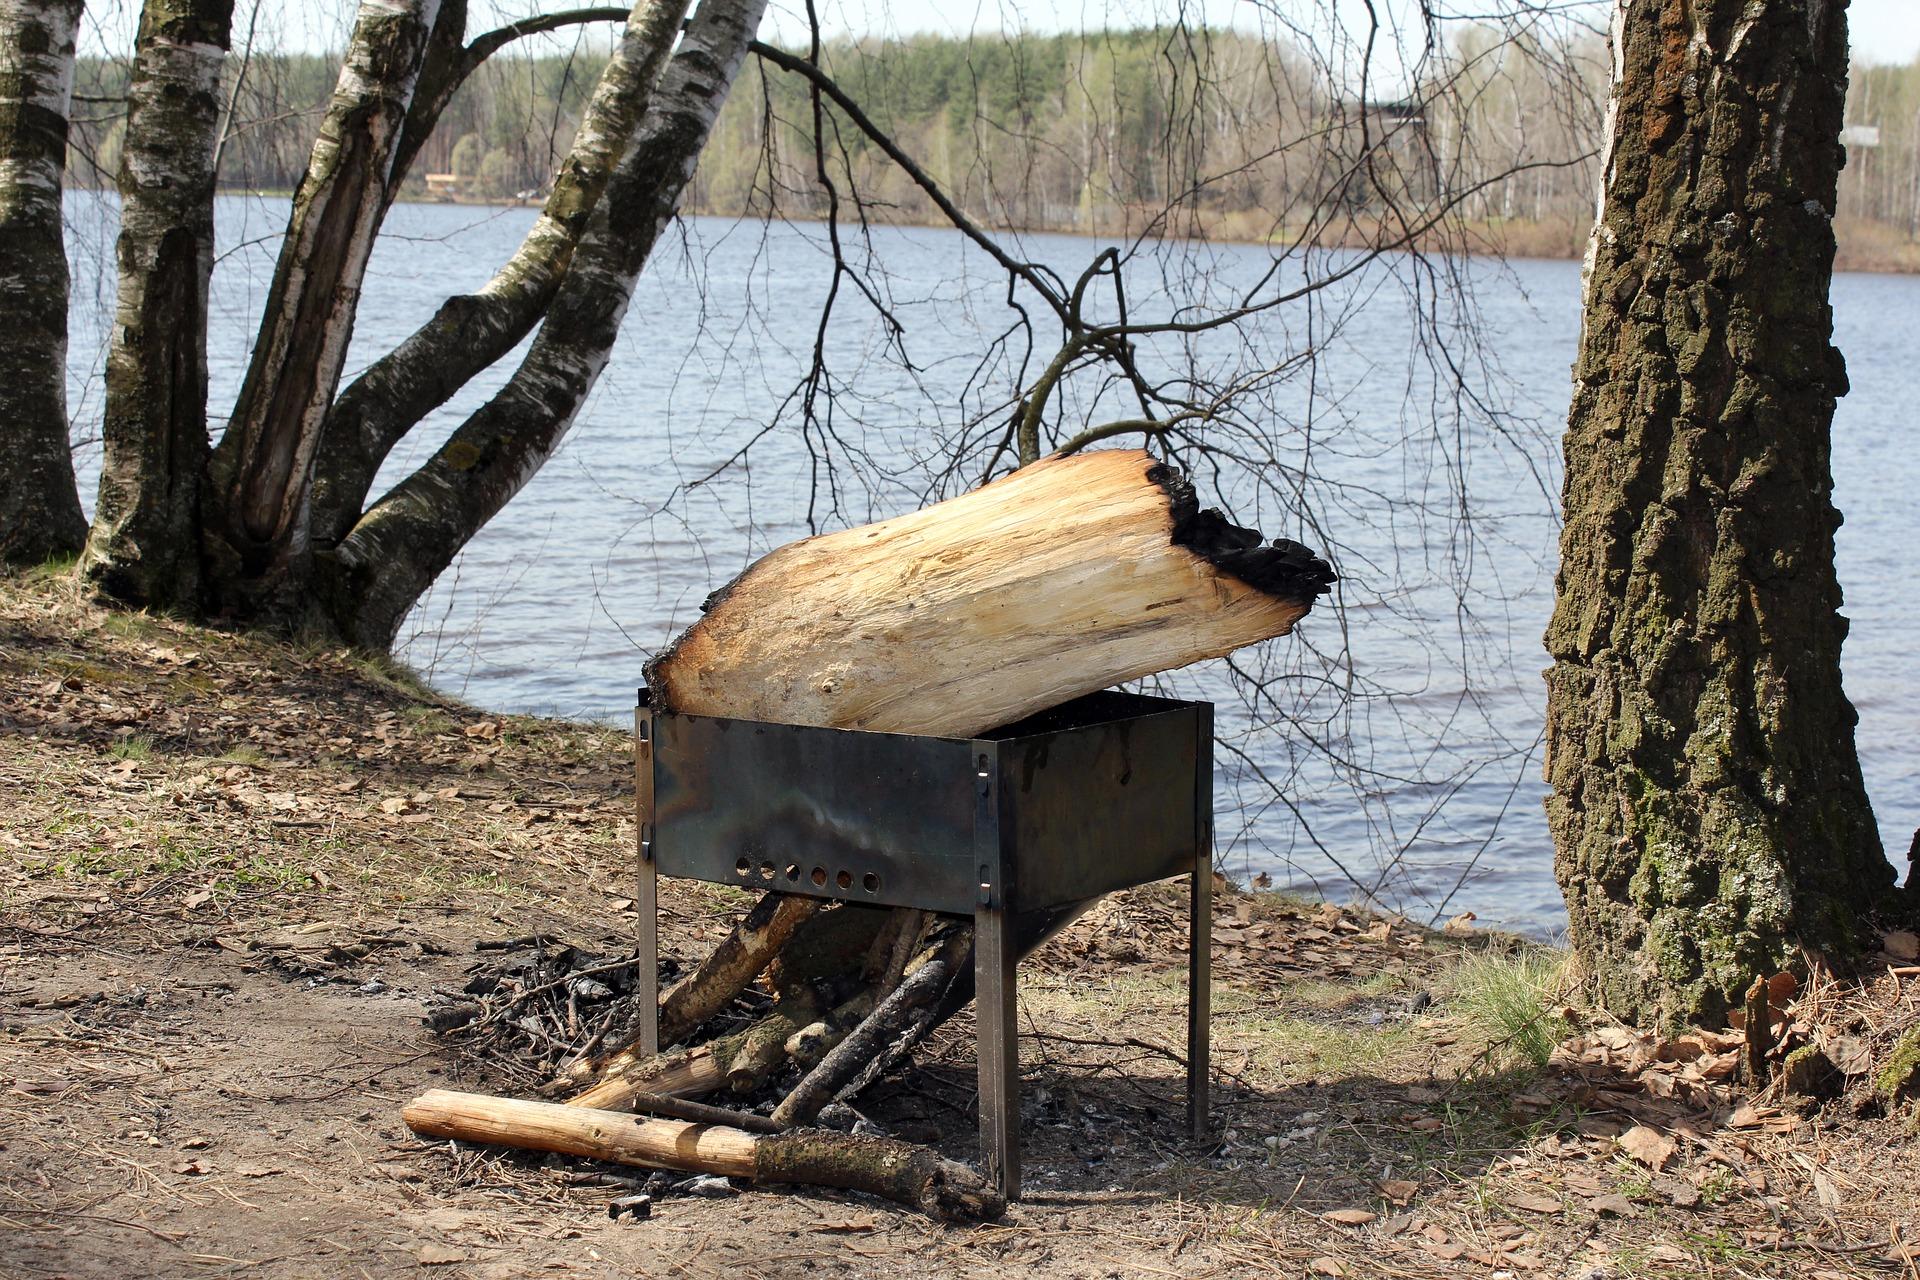 Россиянам дали советы, как не спалить лес из-за шашлыков